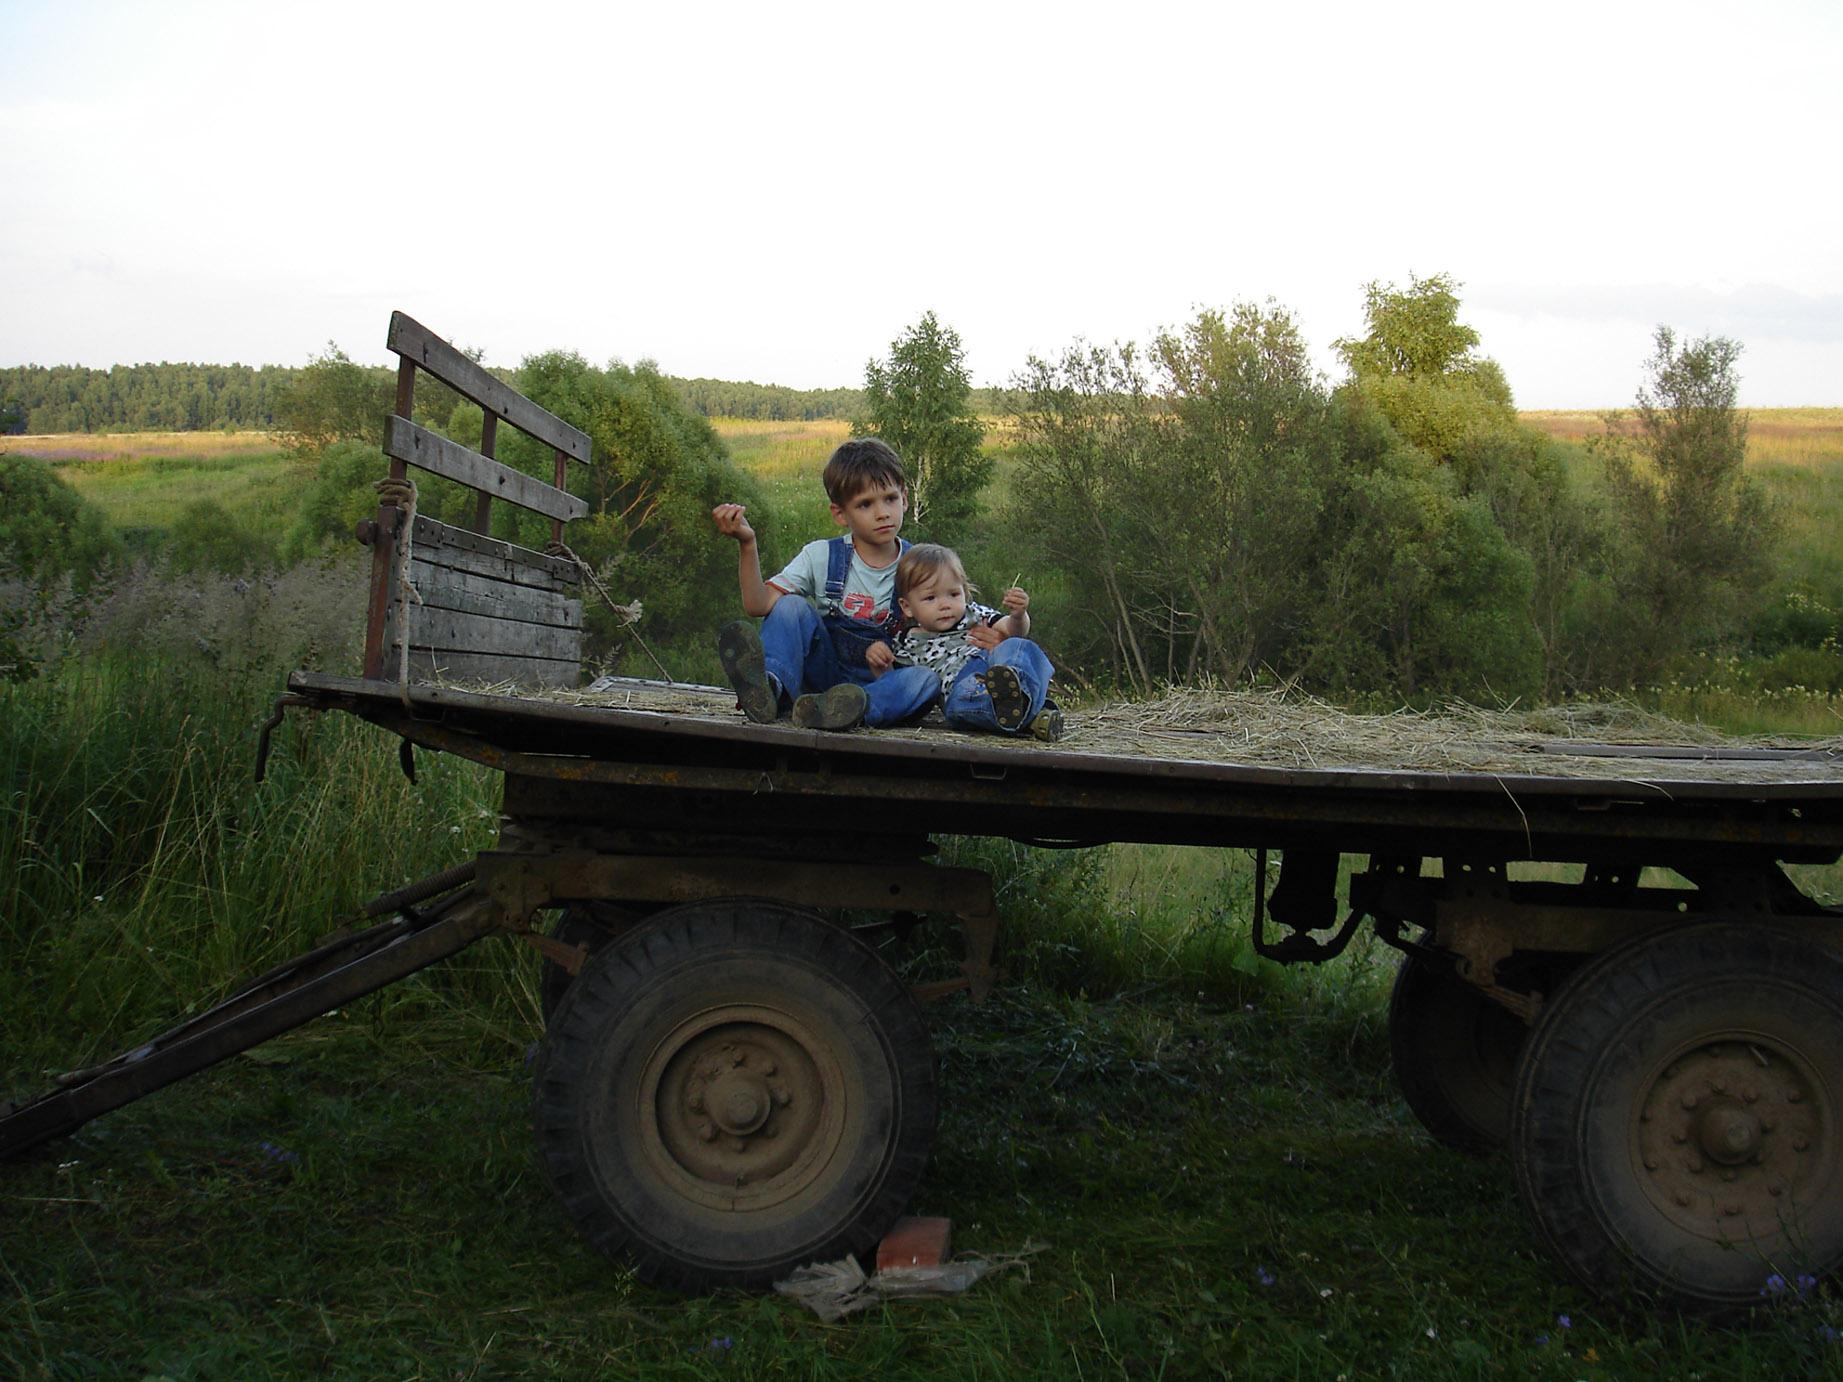 В ДЕРЕВНЕ. Юные путешественники